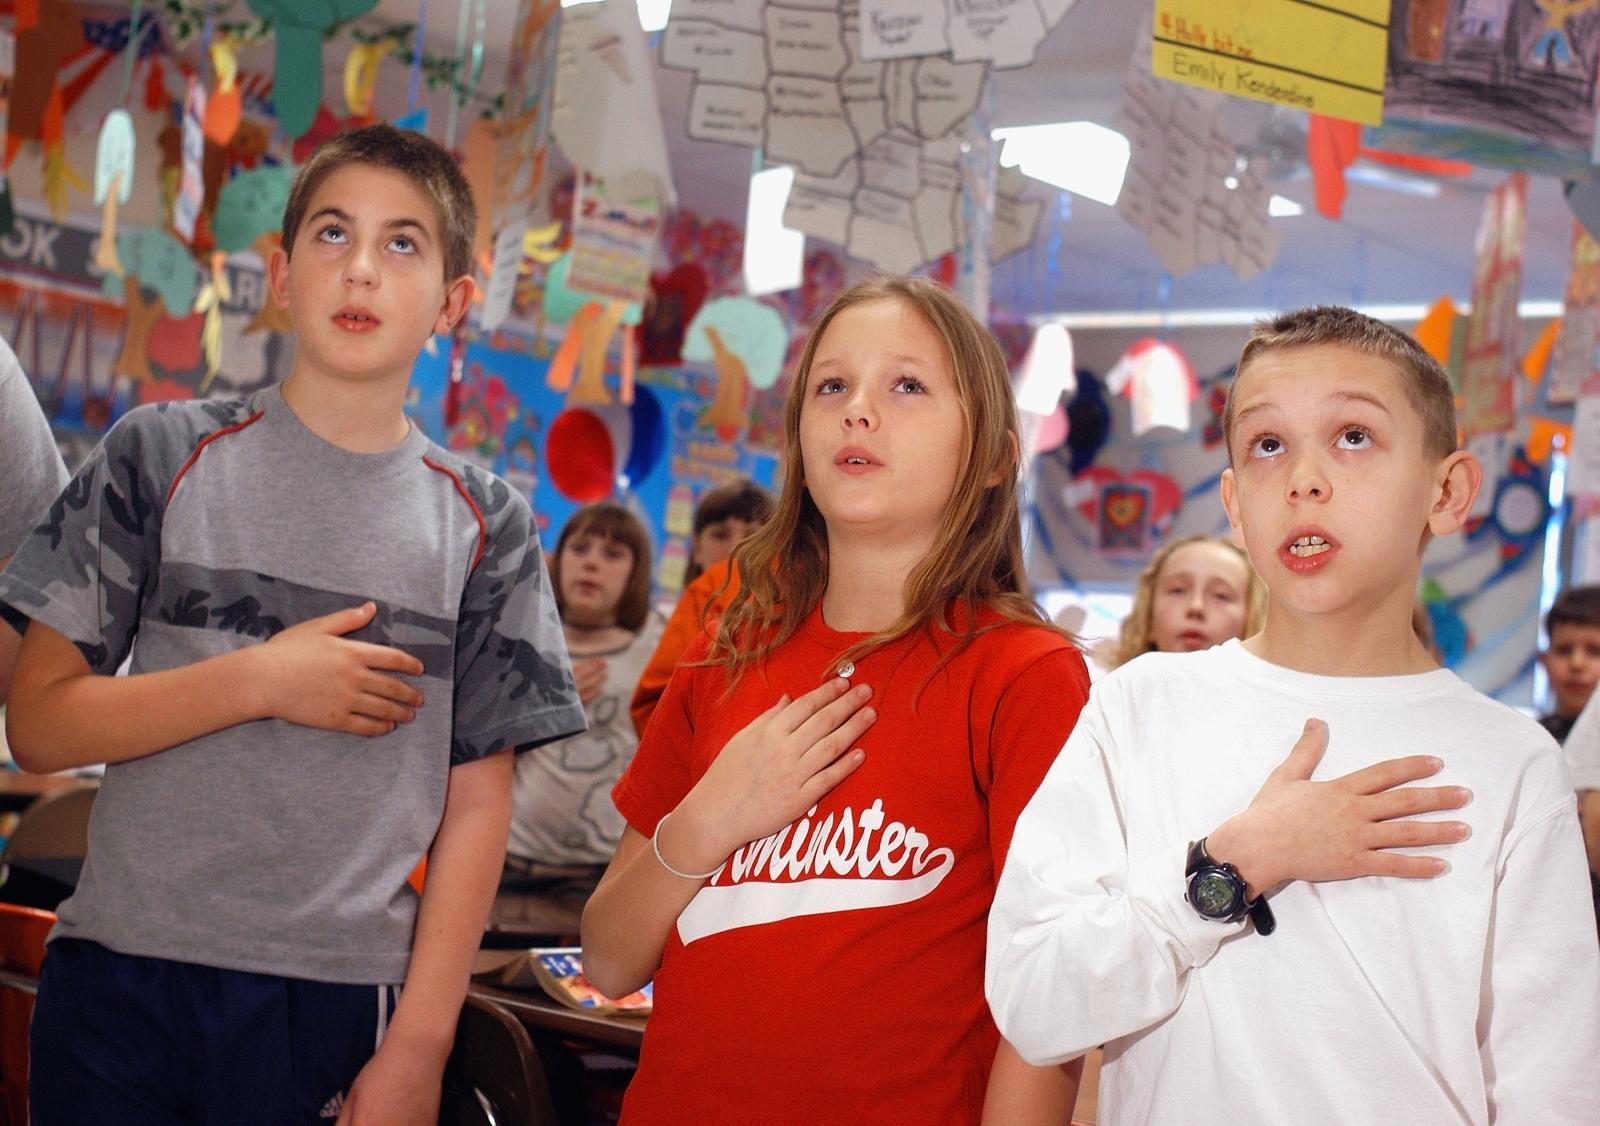 US pledge of allegiance